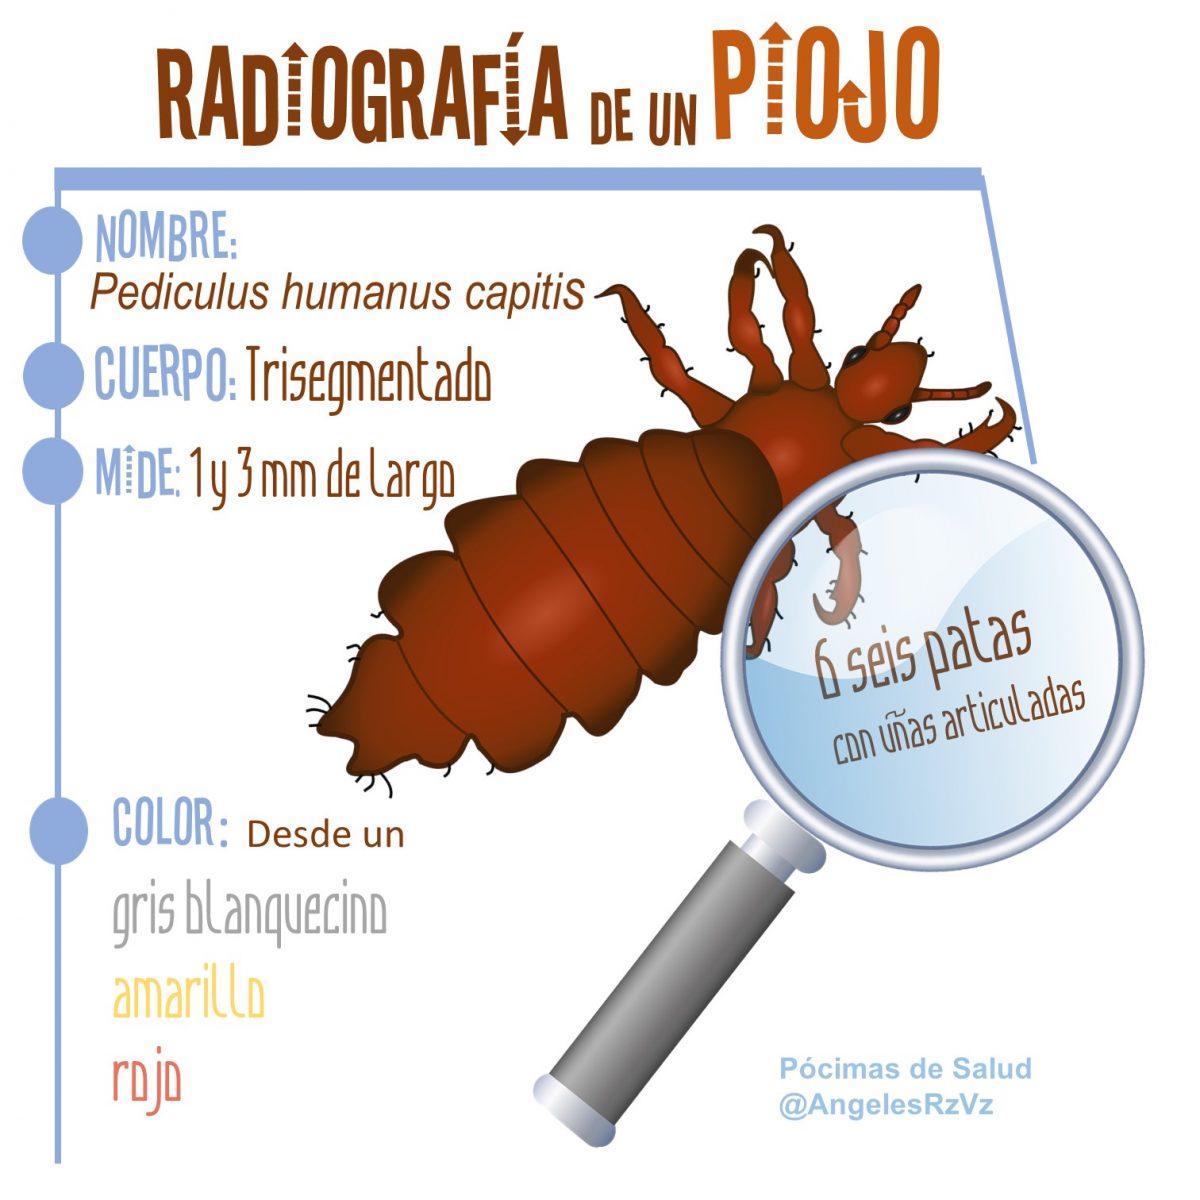 Radiografía de un piojo. Curiosidades